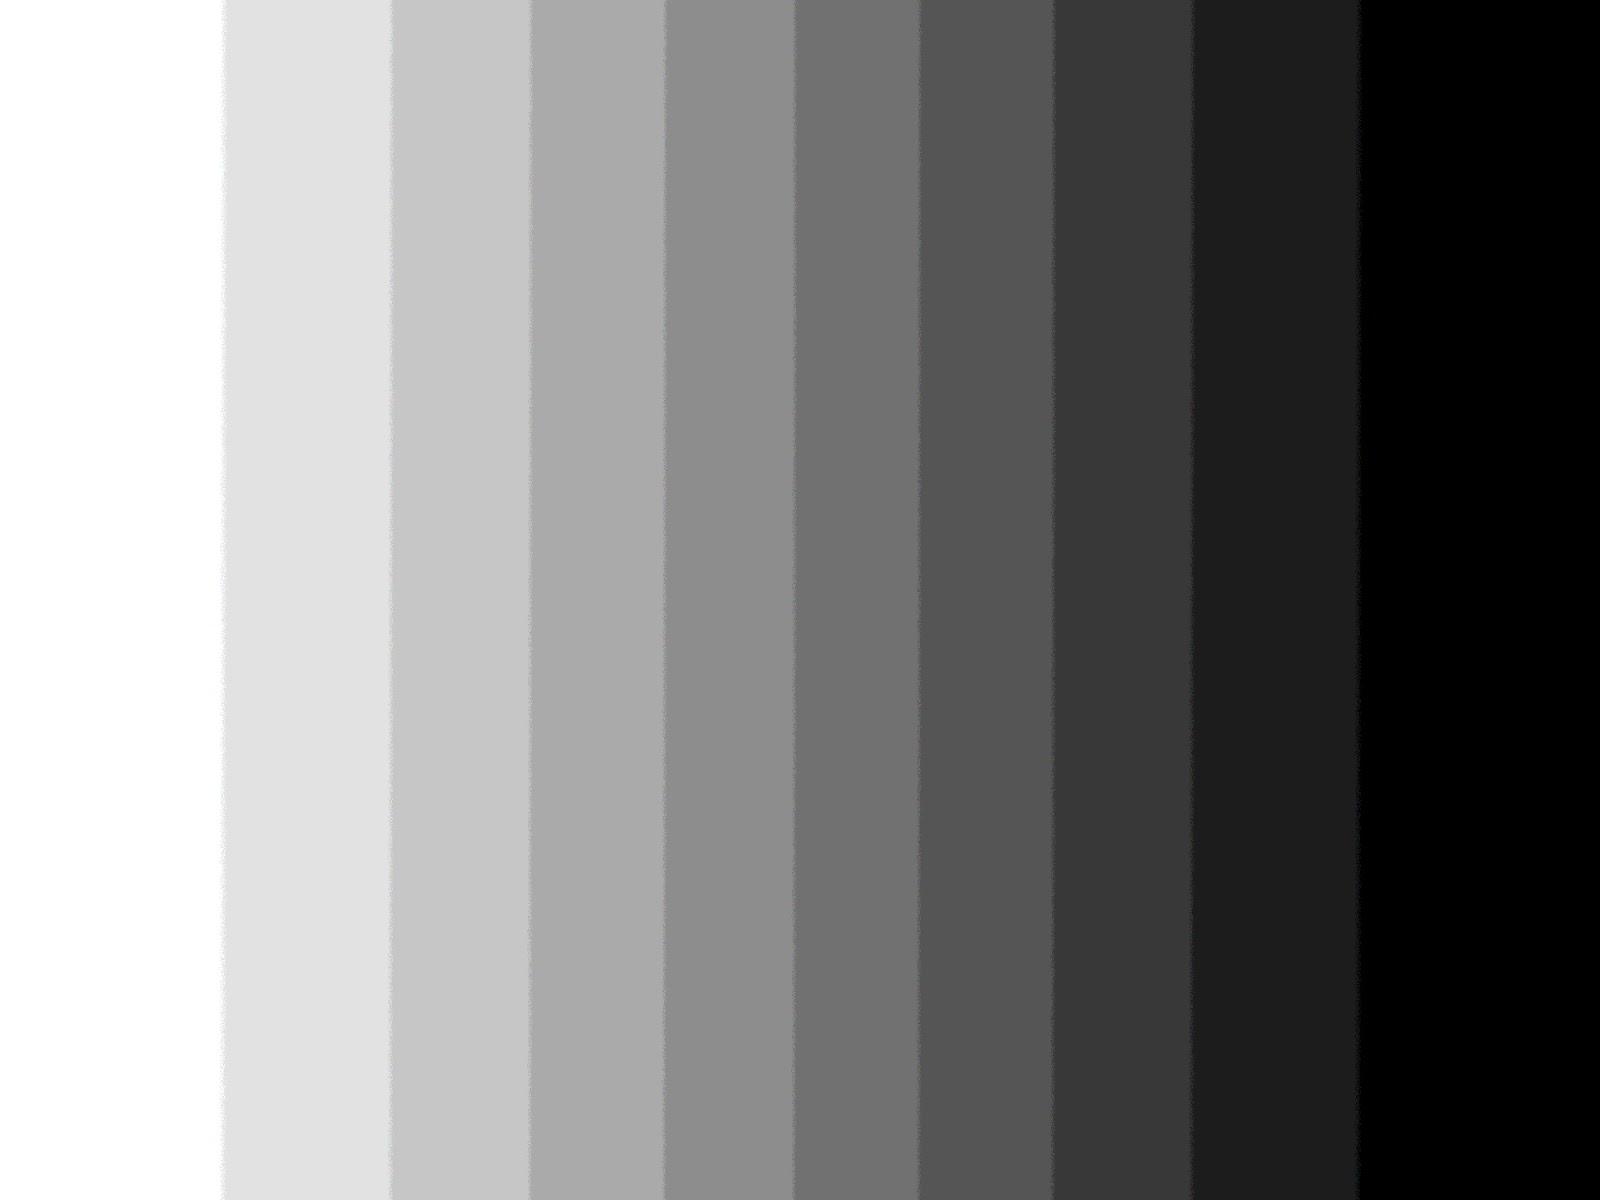 Lucigr fica ud 2 la imagen digital - Gama de colores grises para paredes ...